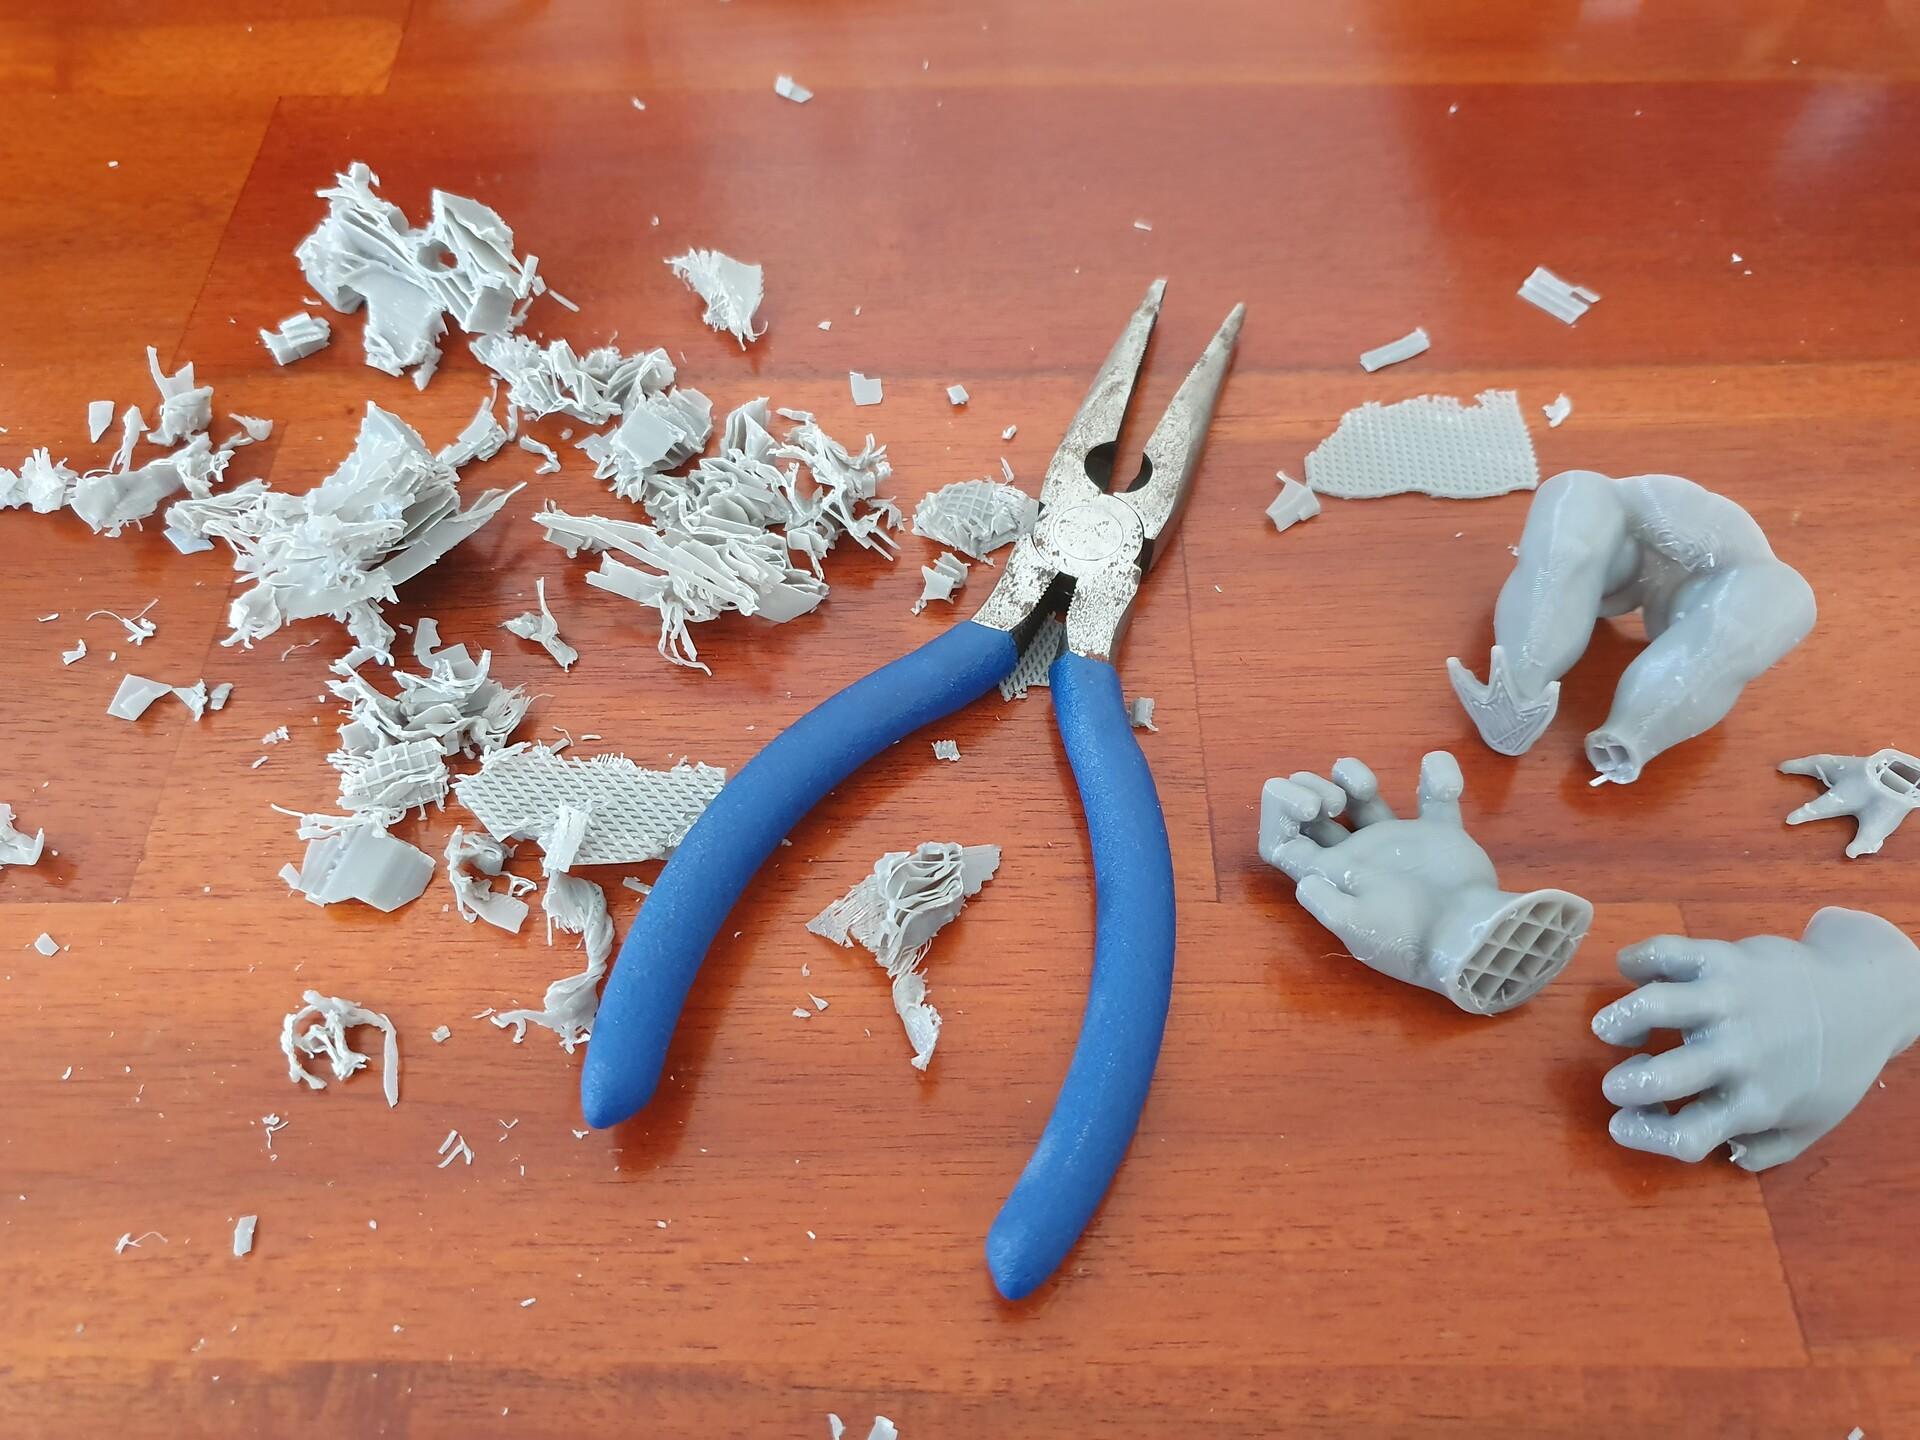 ArtStation - Joe Tolliday - 3D Printing Woes